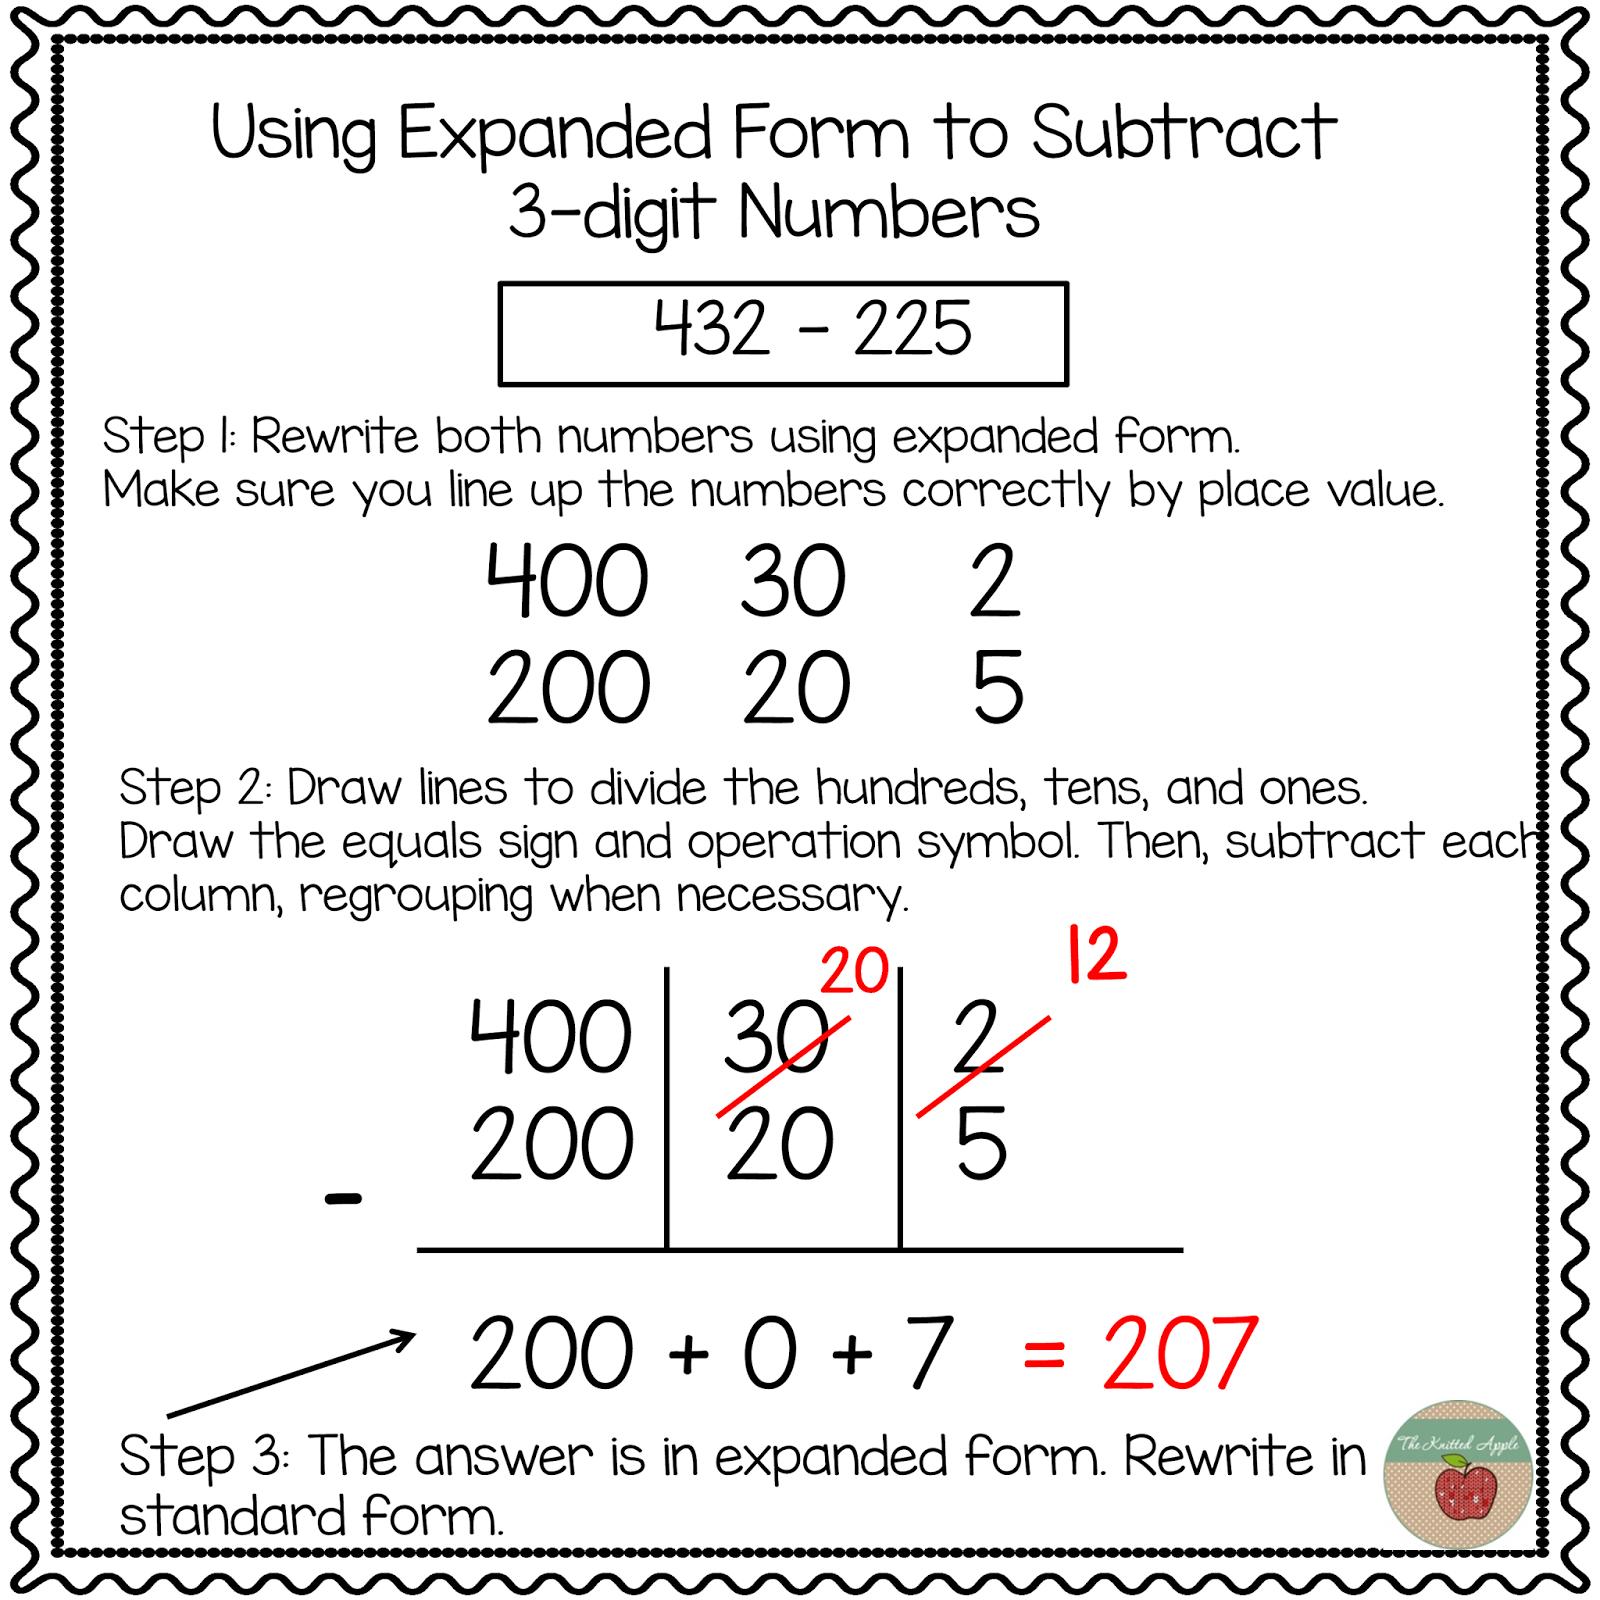 Form Addition Worksheets Davezan – Expanded Form Addition Worksheets